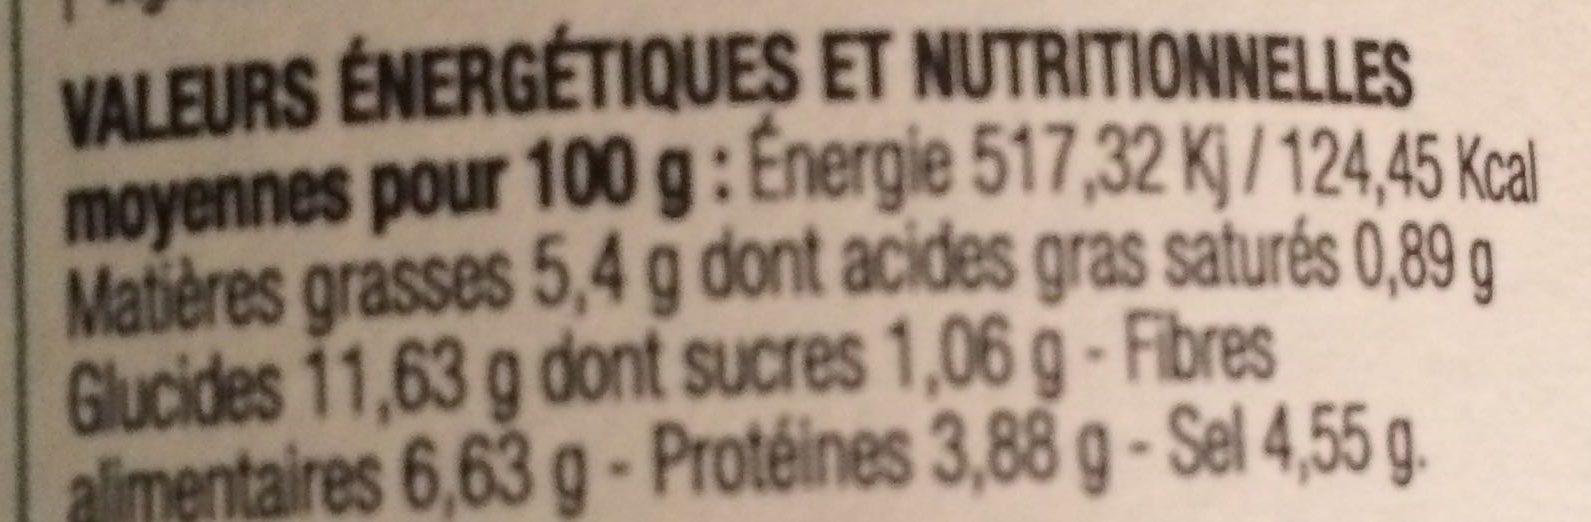 Flageolets mijotés - Informations nutritionnelles